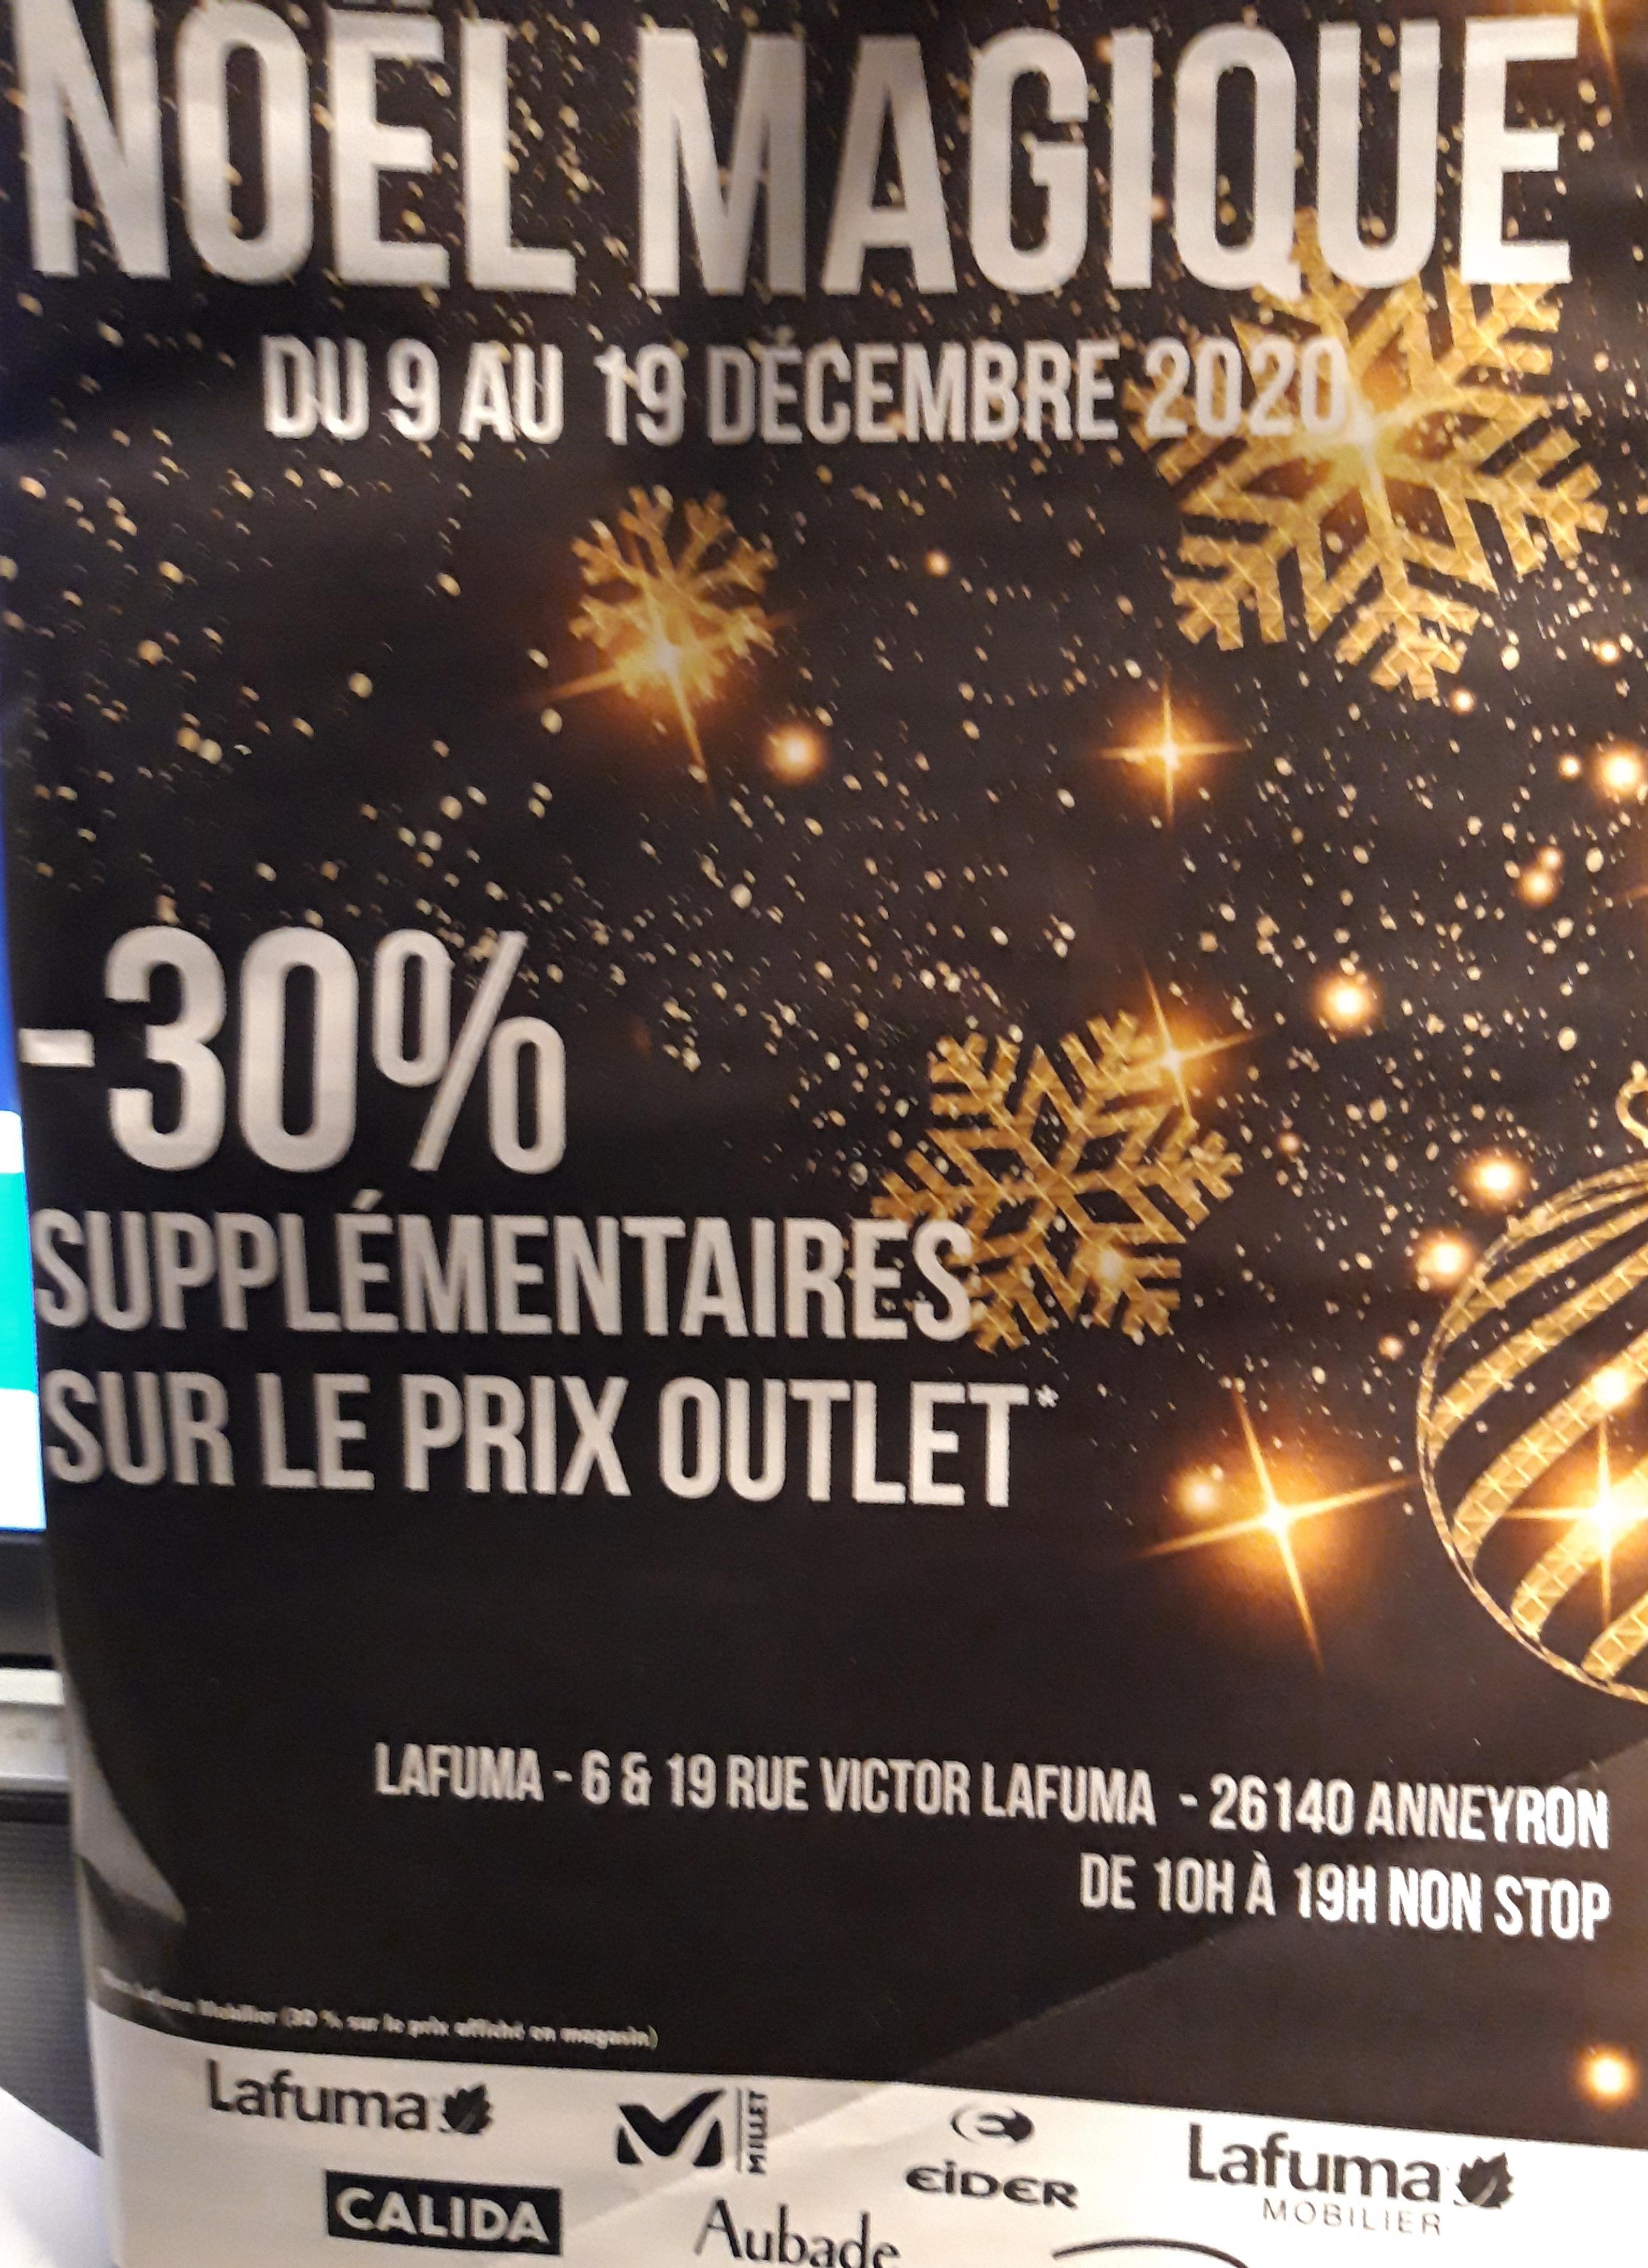 30% de réduction sur le prix outlet - Anneyron (26)